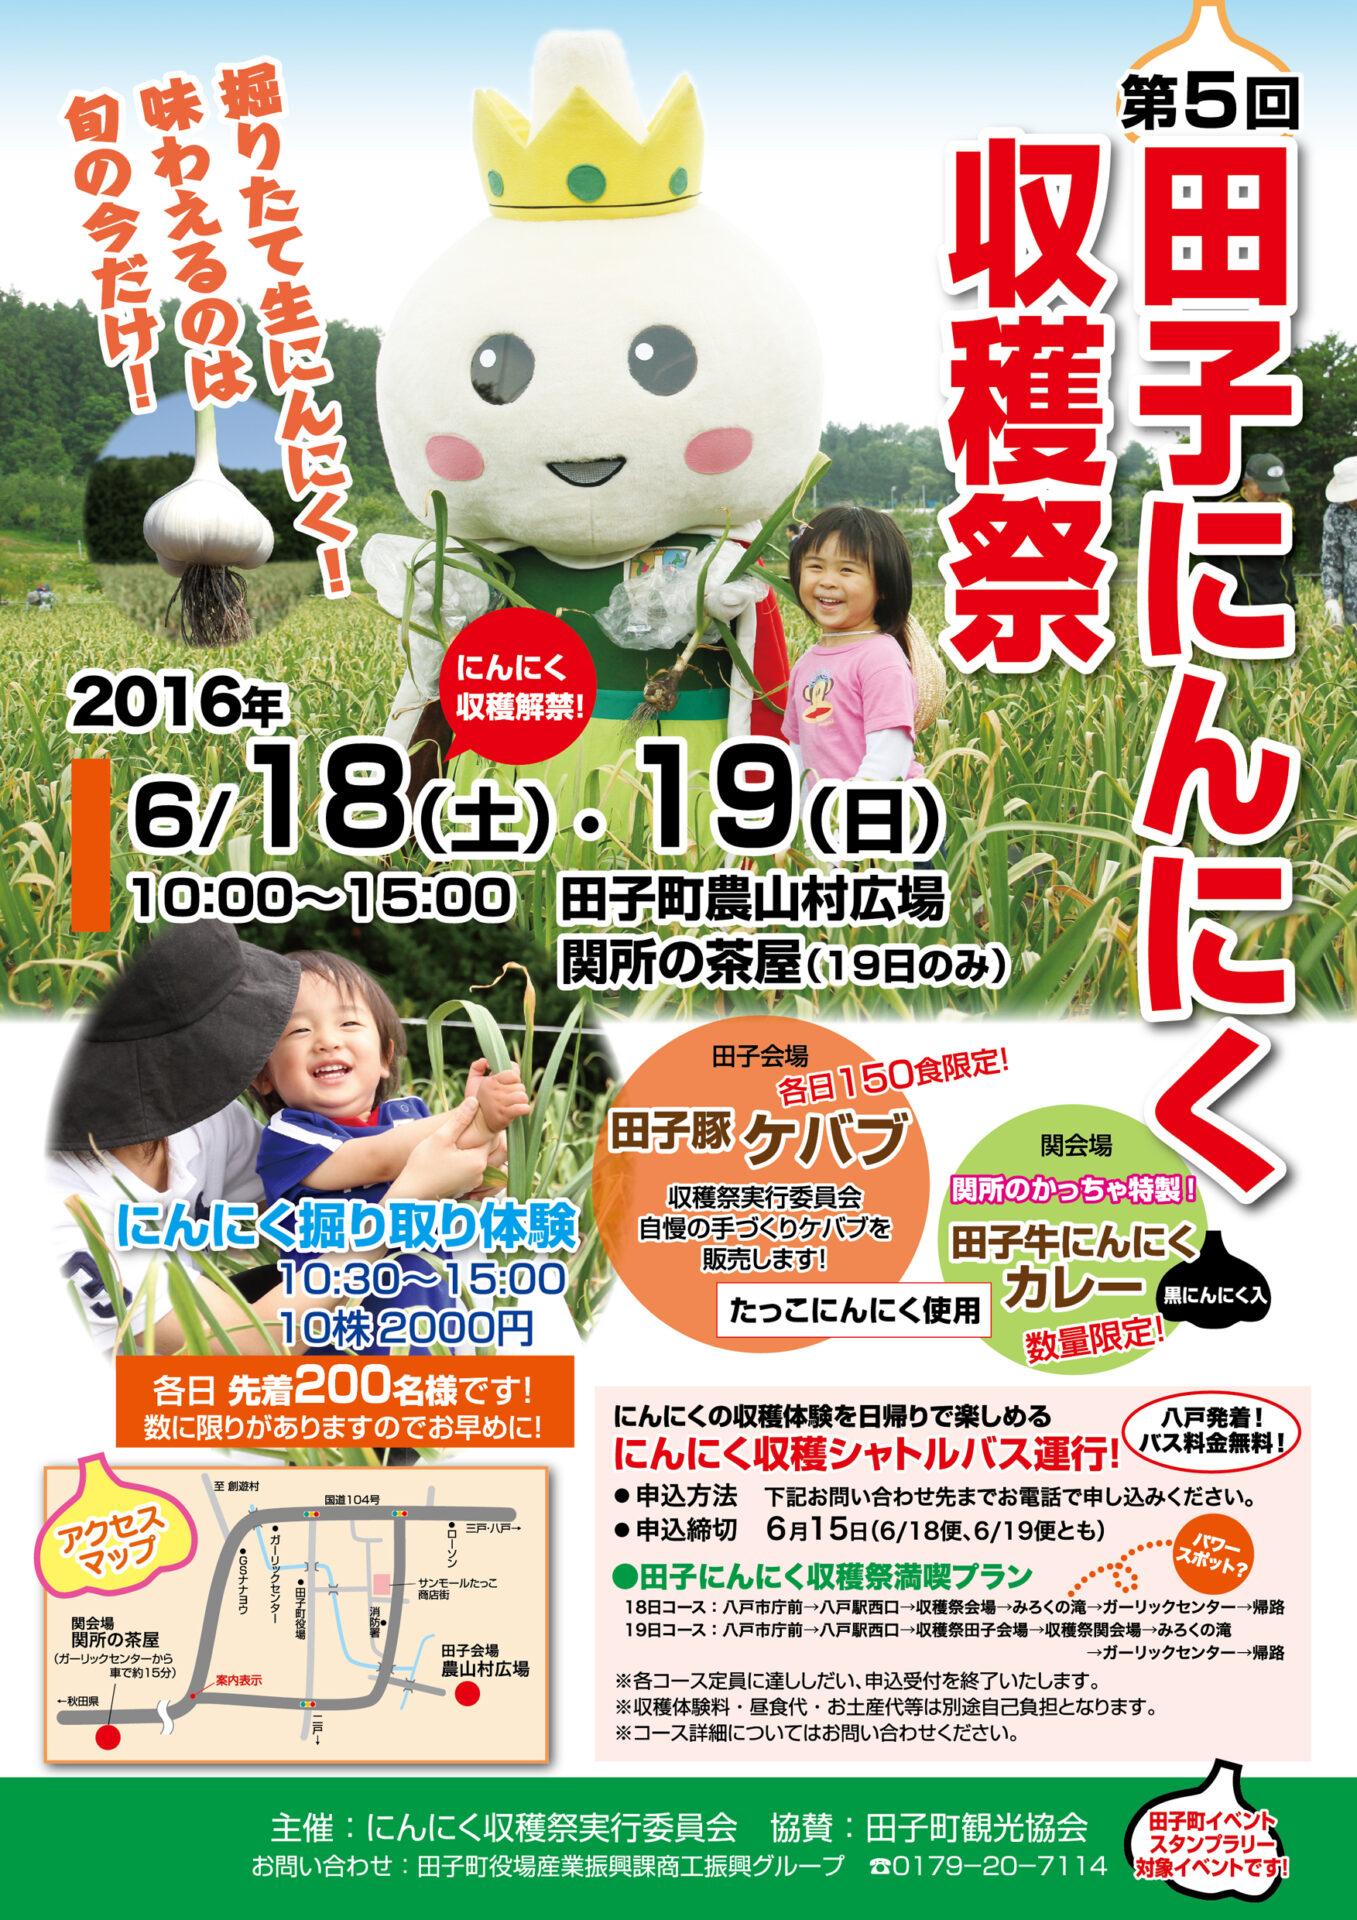 にんにく収穫祭ポスターA2ol